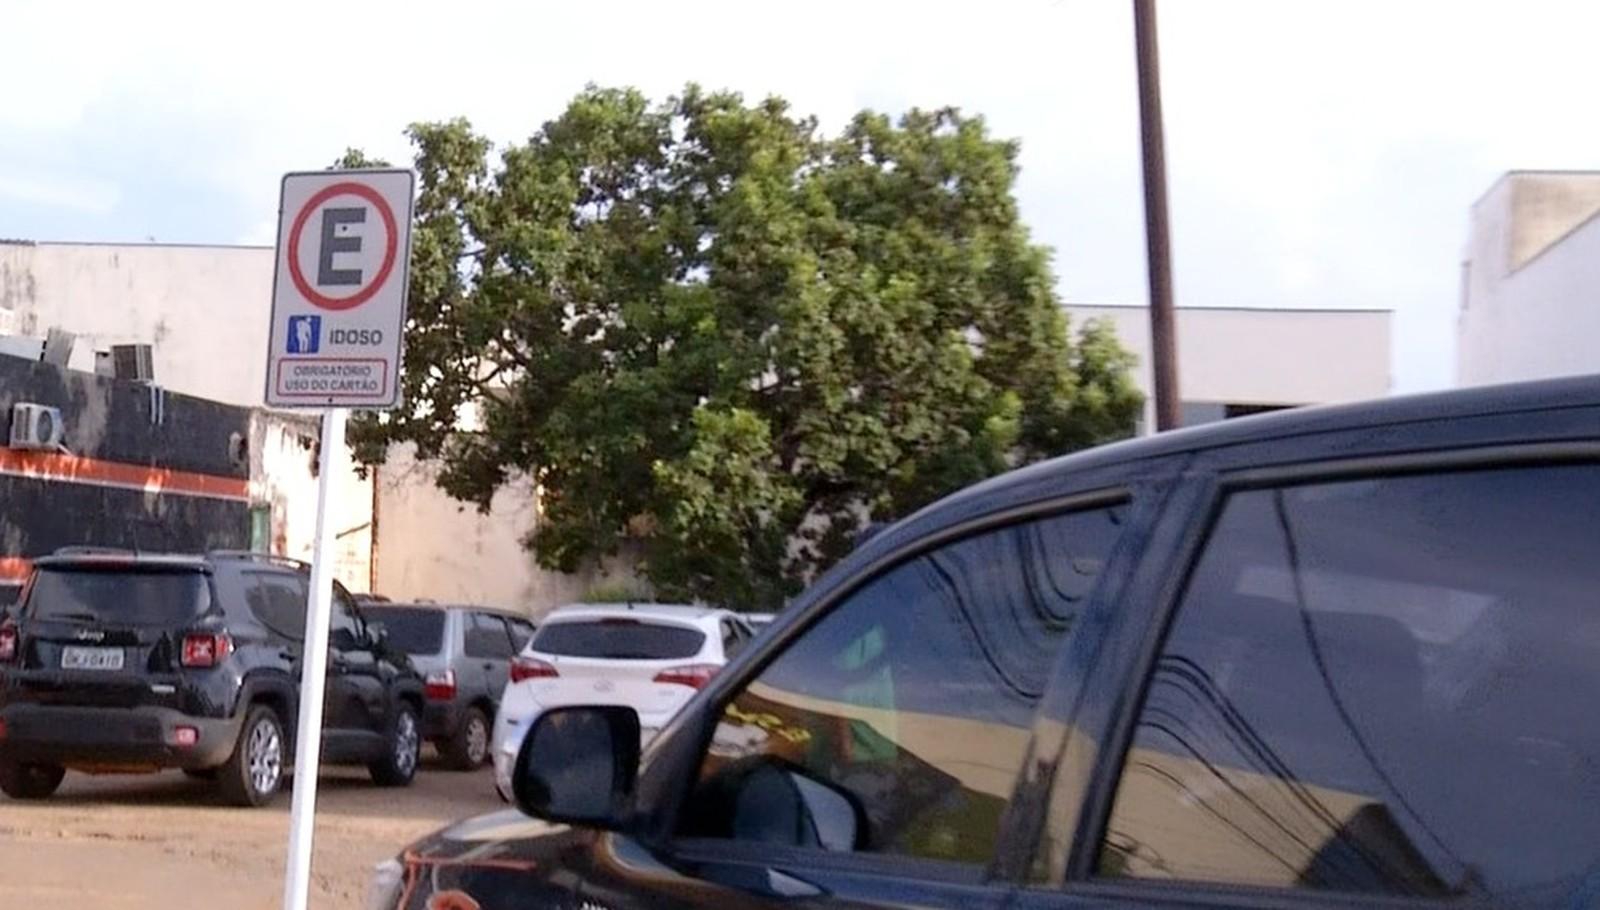 Quase 80 motoristas são multados por utilizar vagas de estacionamento reservadas